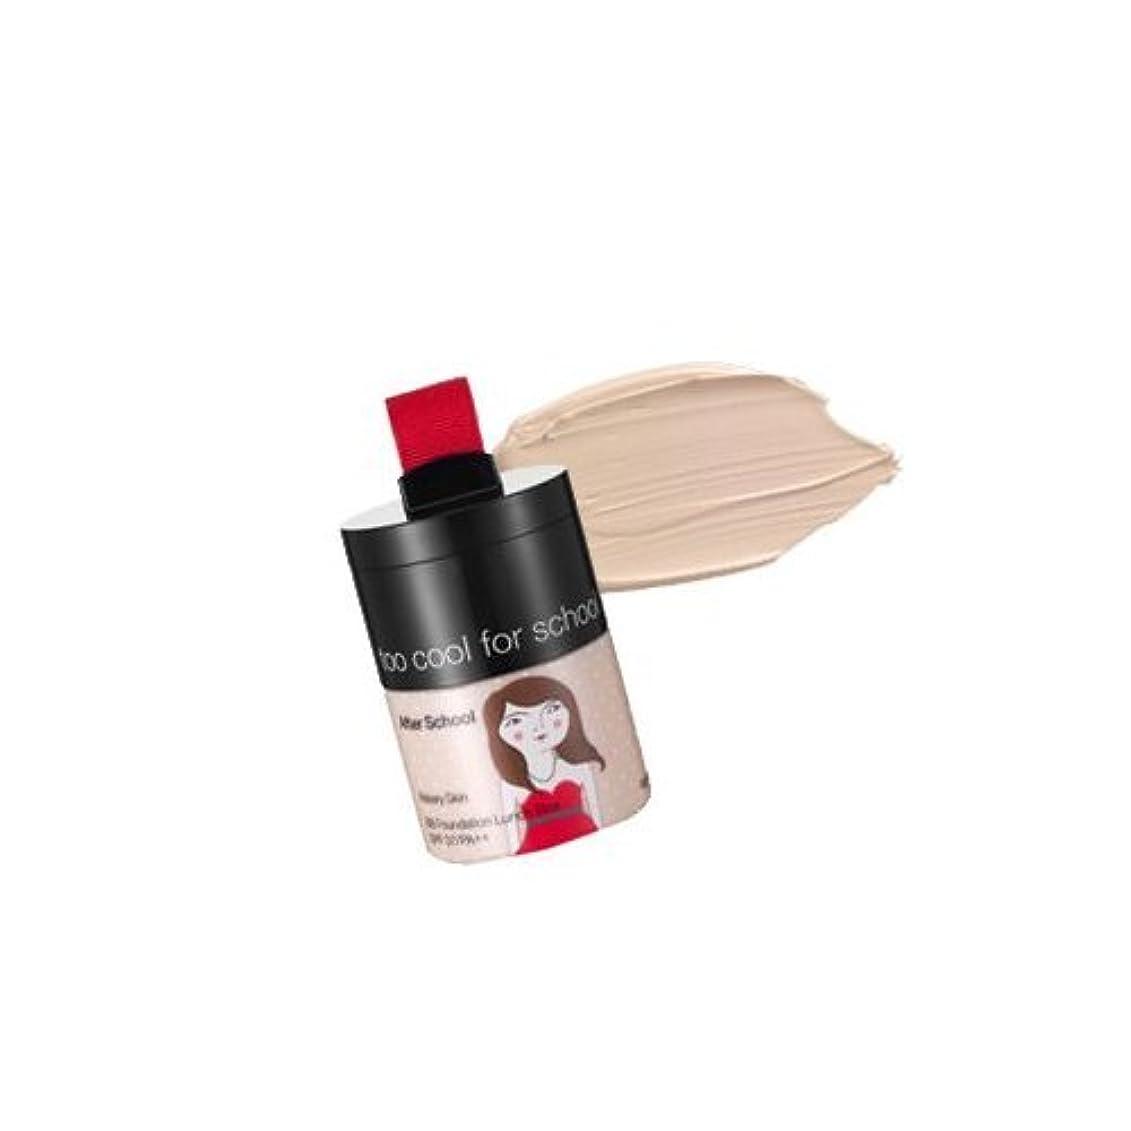 従順心理的ペニーTOO COOL FOR SCHOOL After School BB Foundation Lunch Box - 02 Moist Skin (並行輸入品)